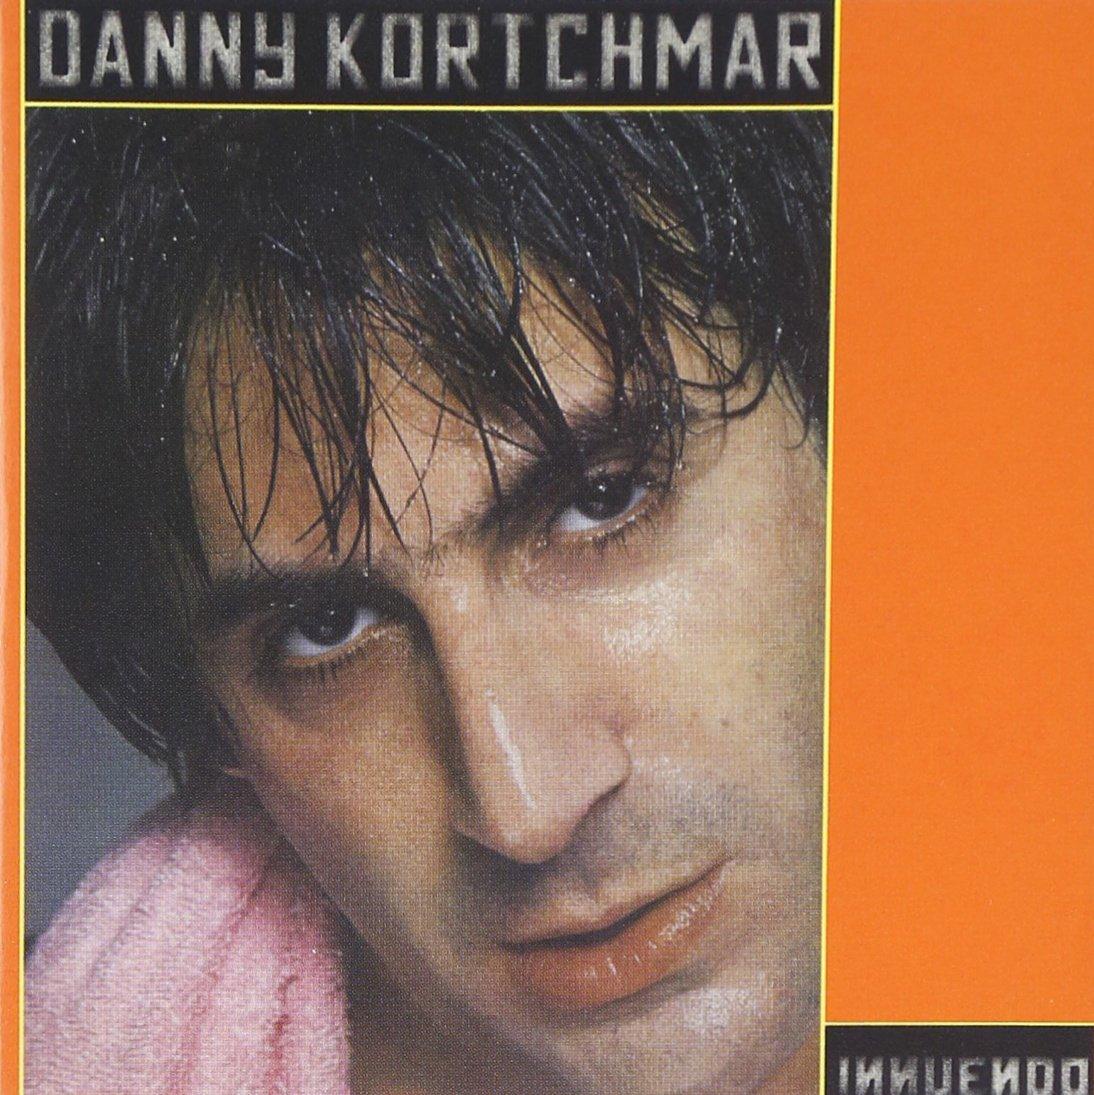 1980 Danny Kortchmar – Innuendo